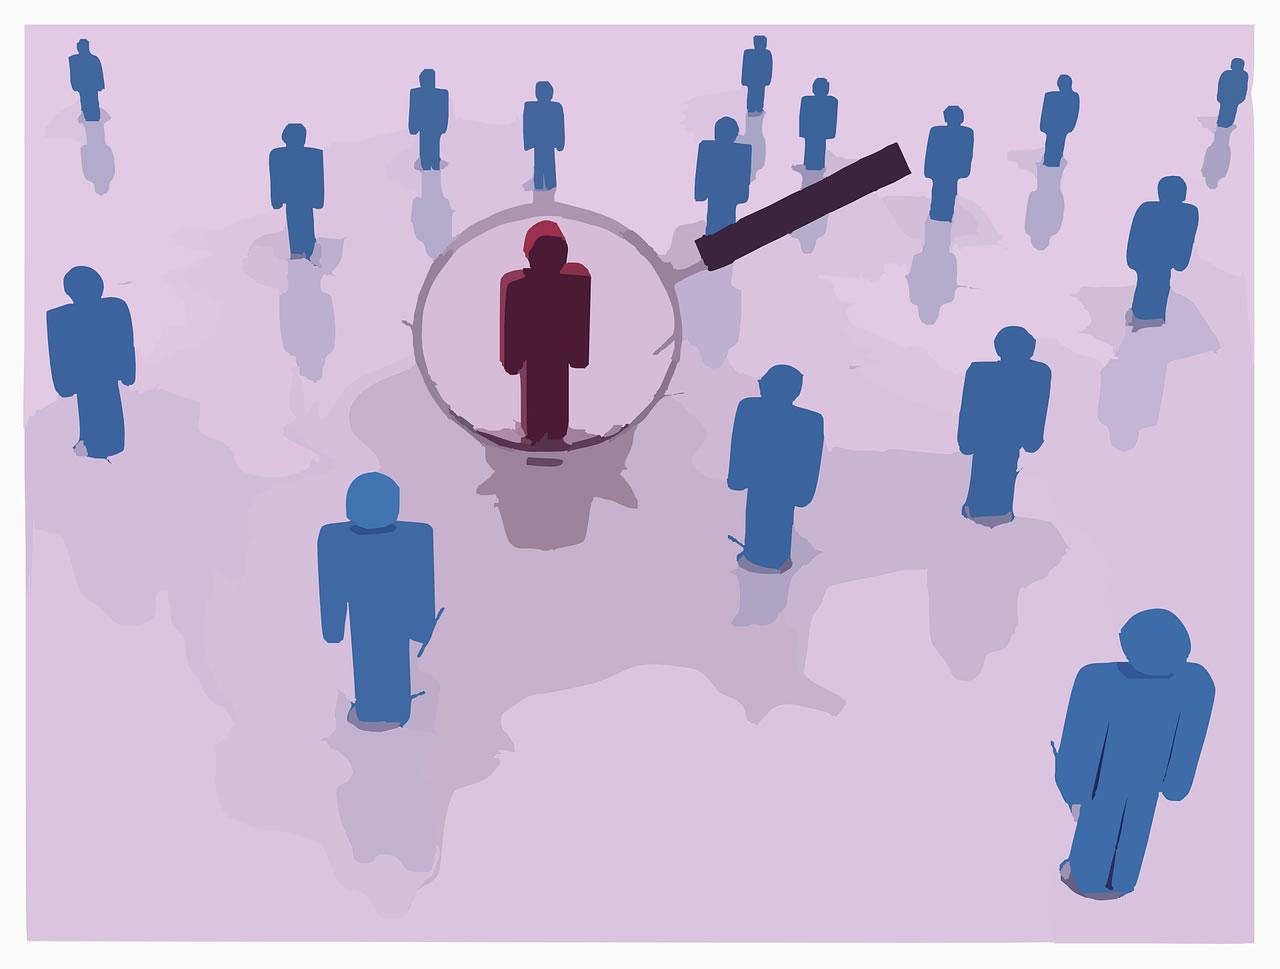 Raccomandazioni Dall'AEPD Per Coloro Che Eseguono Processi Di Anonimizzazione